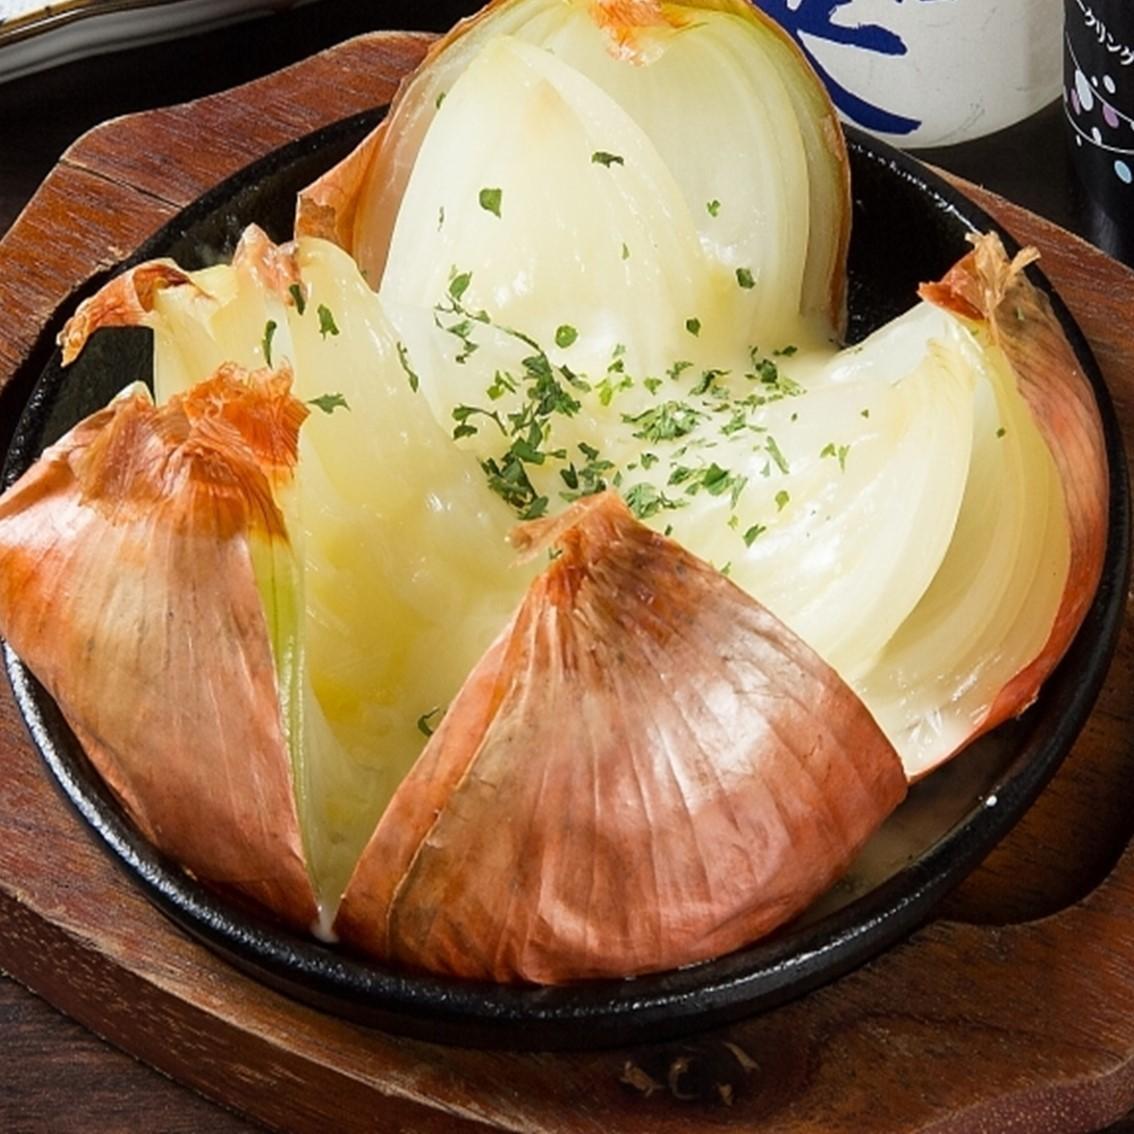 來自淡路島的蒸洋蔥